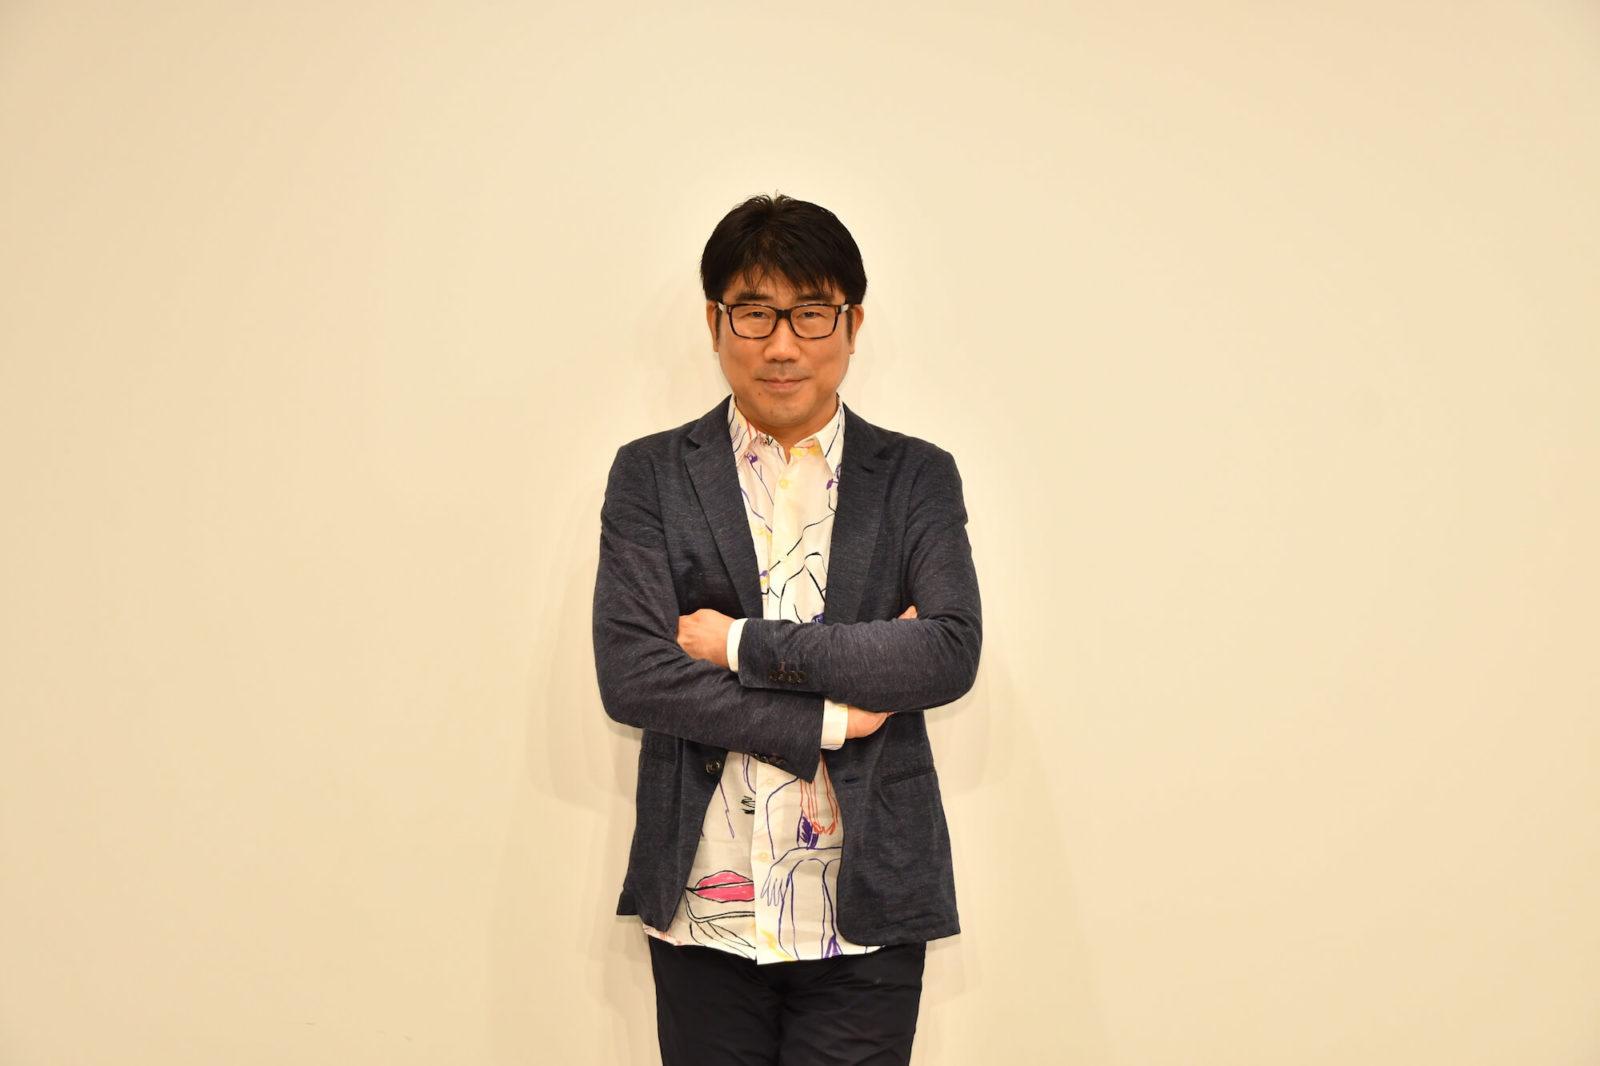 """亀田誠治プロデュース、完全無料の公園音楽フェス「日比谷音楽祭」は""""天命""""画像96274"""